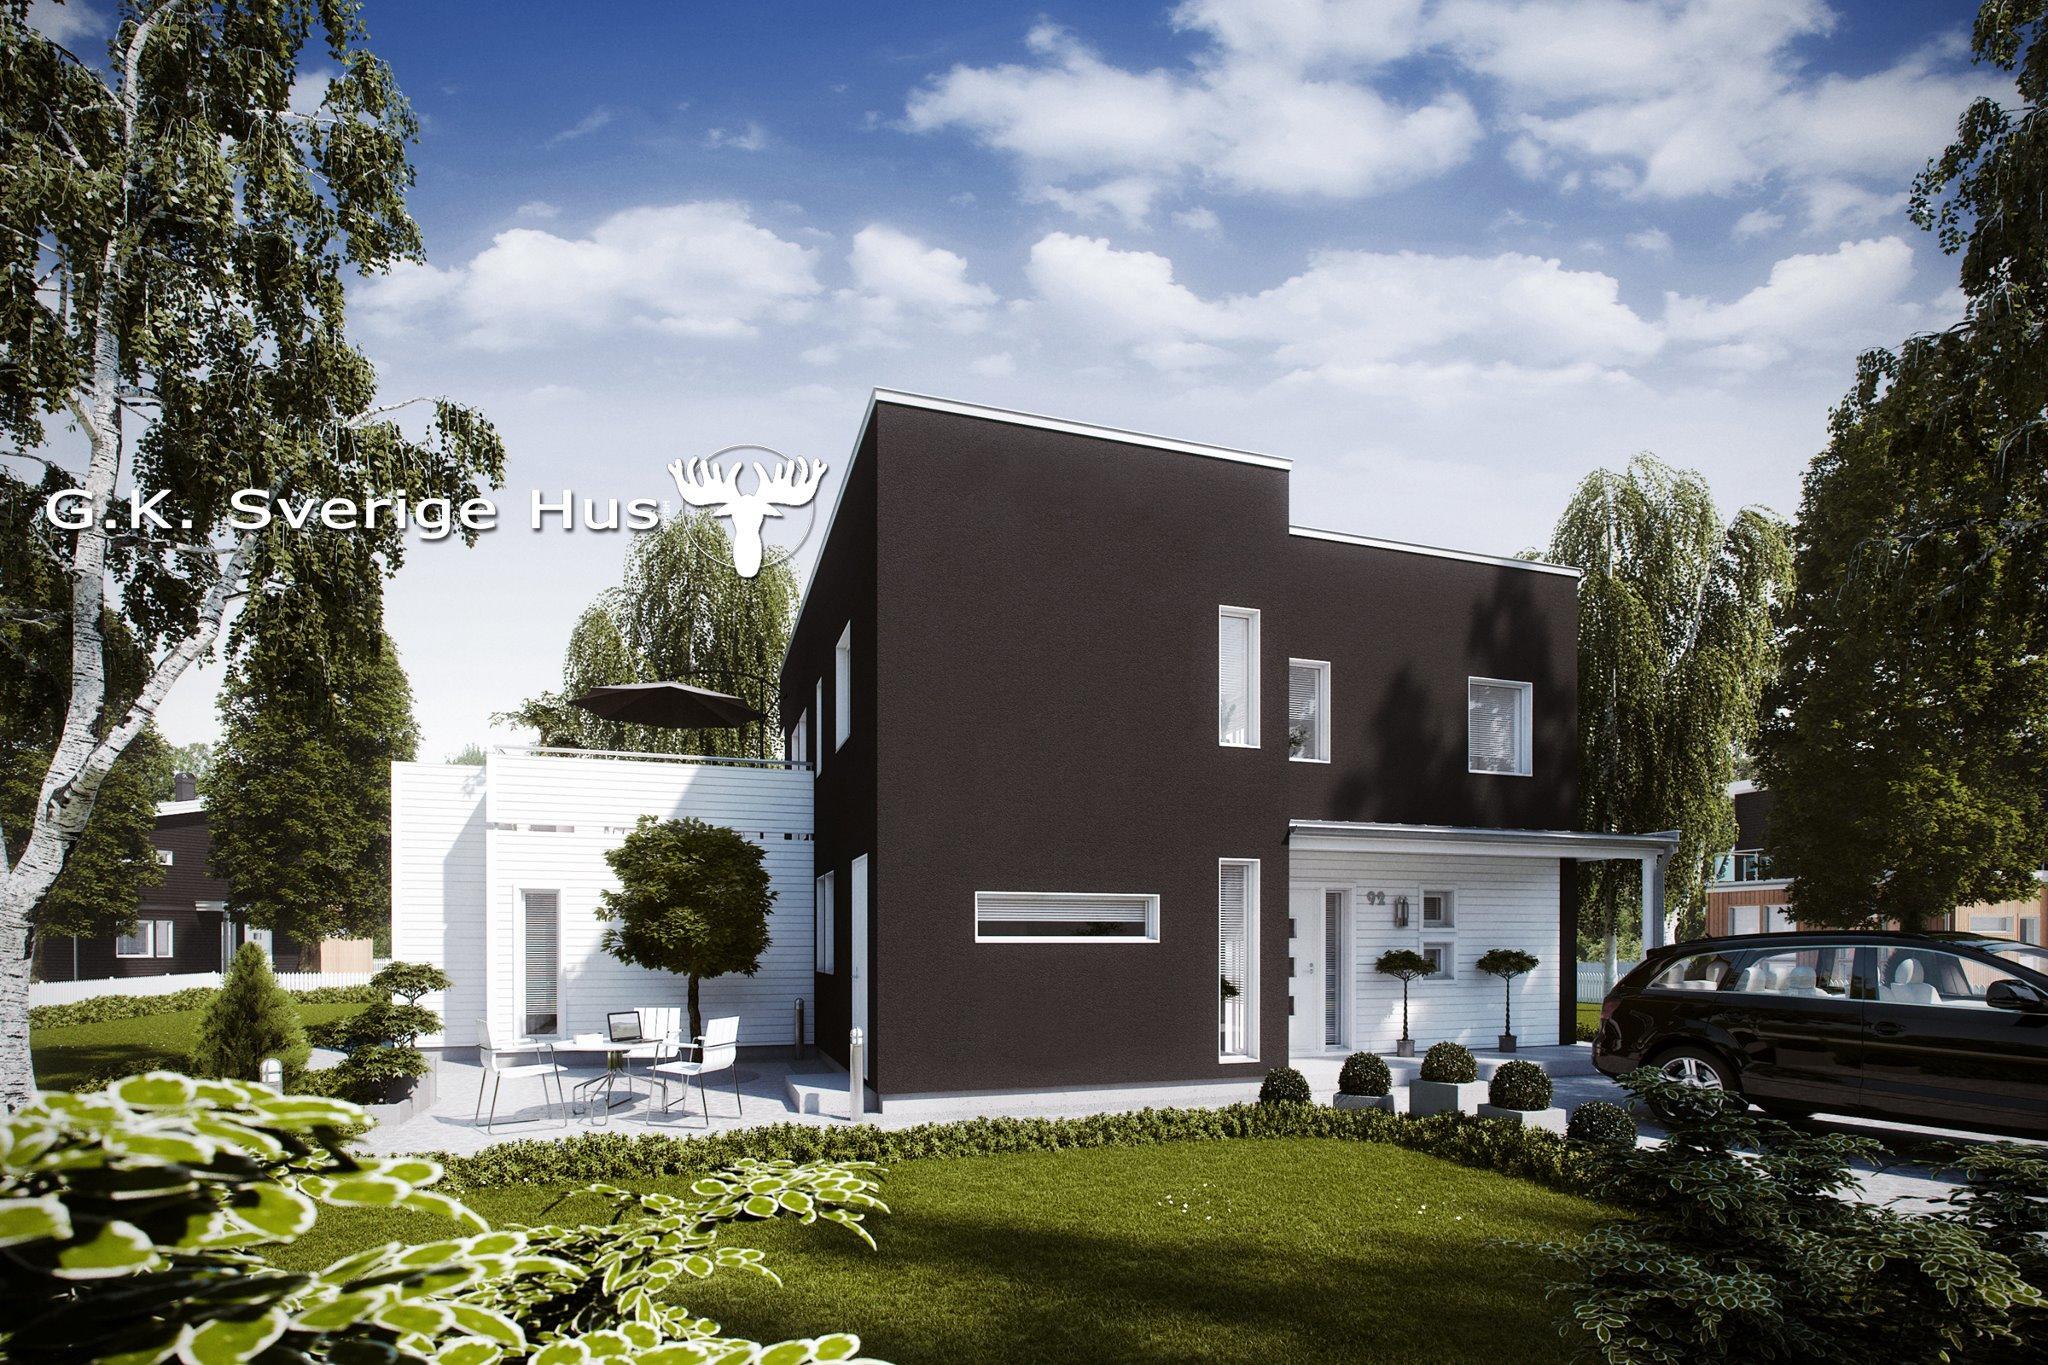 g k sverige hus gmbh bauunternehmen schw bisch gm nd deutschland tel 07171999. Black Bedroom Furniture Sets. Home Design Ideas